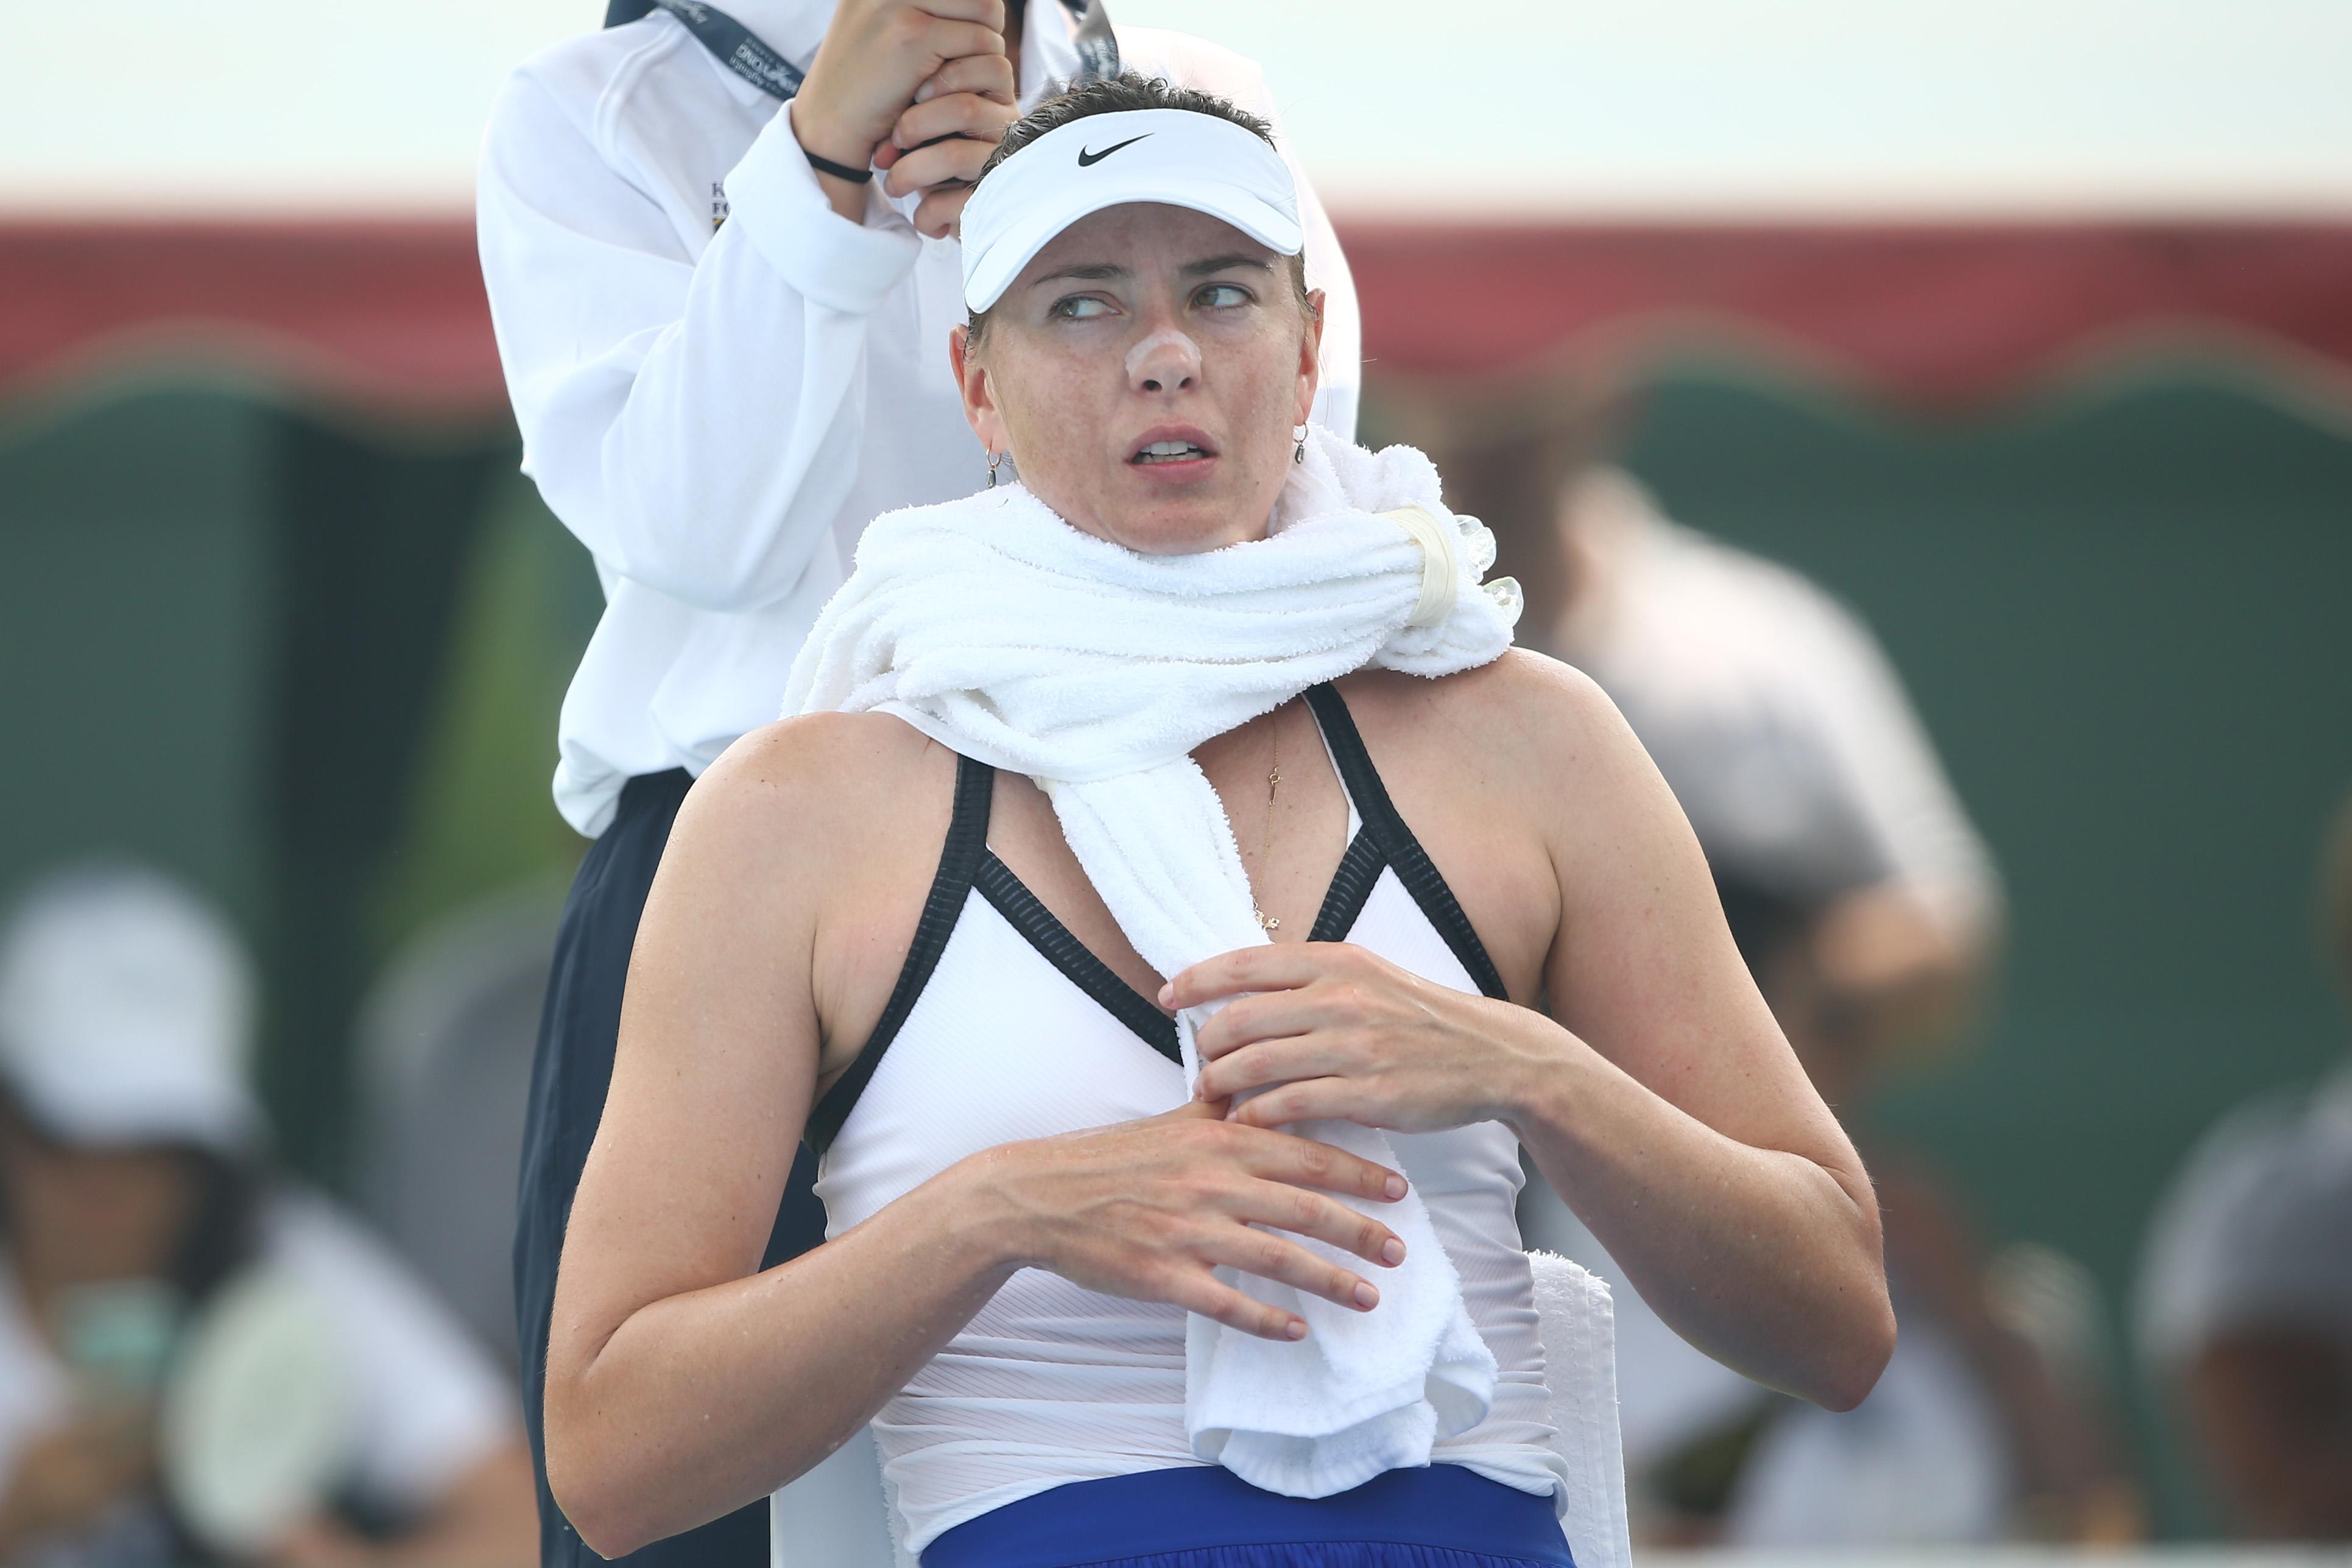 Dusící se Maria Scharapova. Zápas byl nakonec odvolán kvůli kouřovým podmínkám.